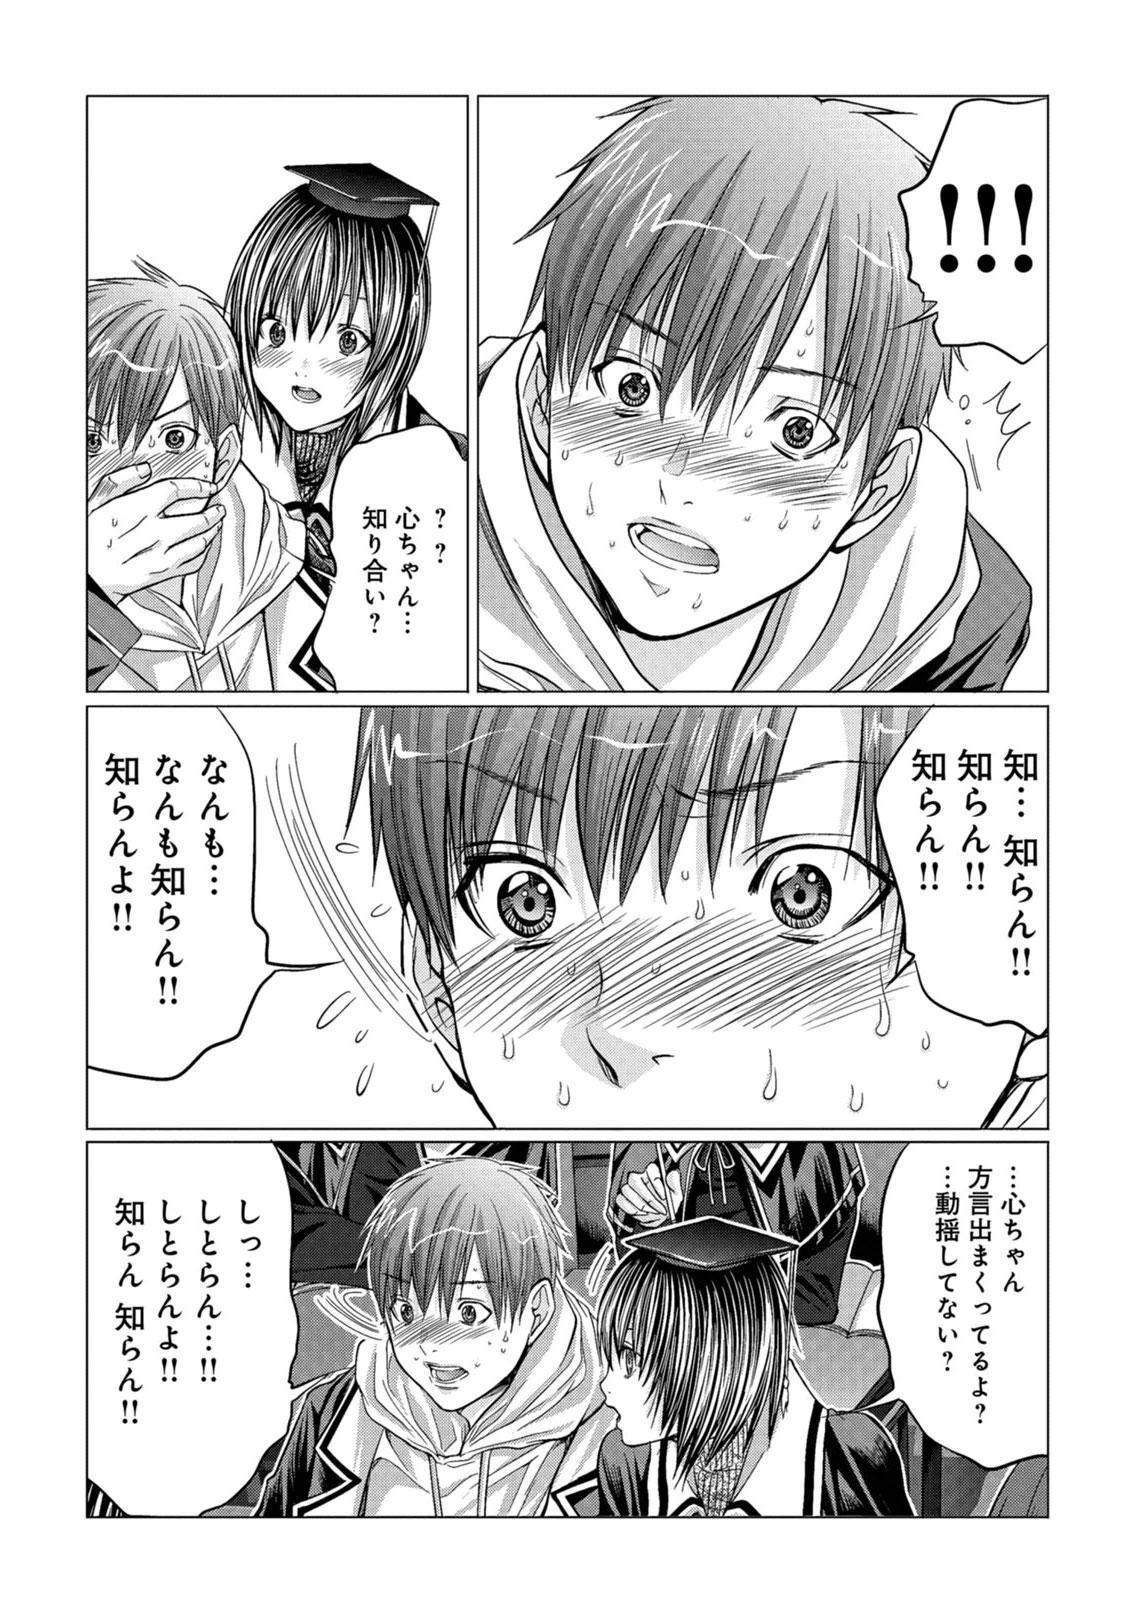 [Miyazaki Maya] Holy Knight ~Junketsu to Ai no Hazama de~ Vol. 1 33